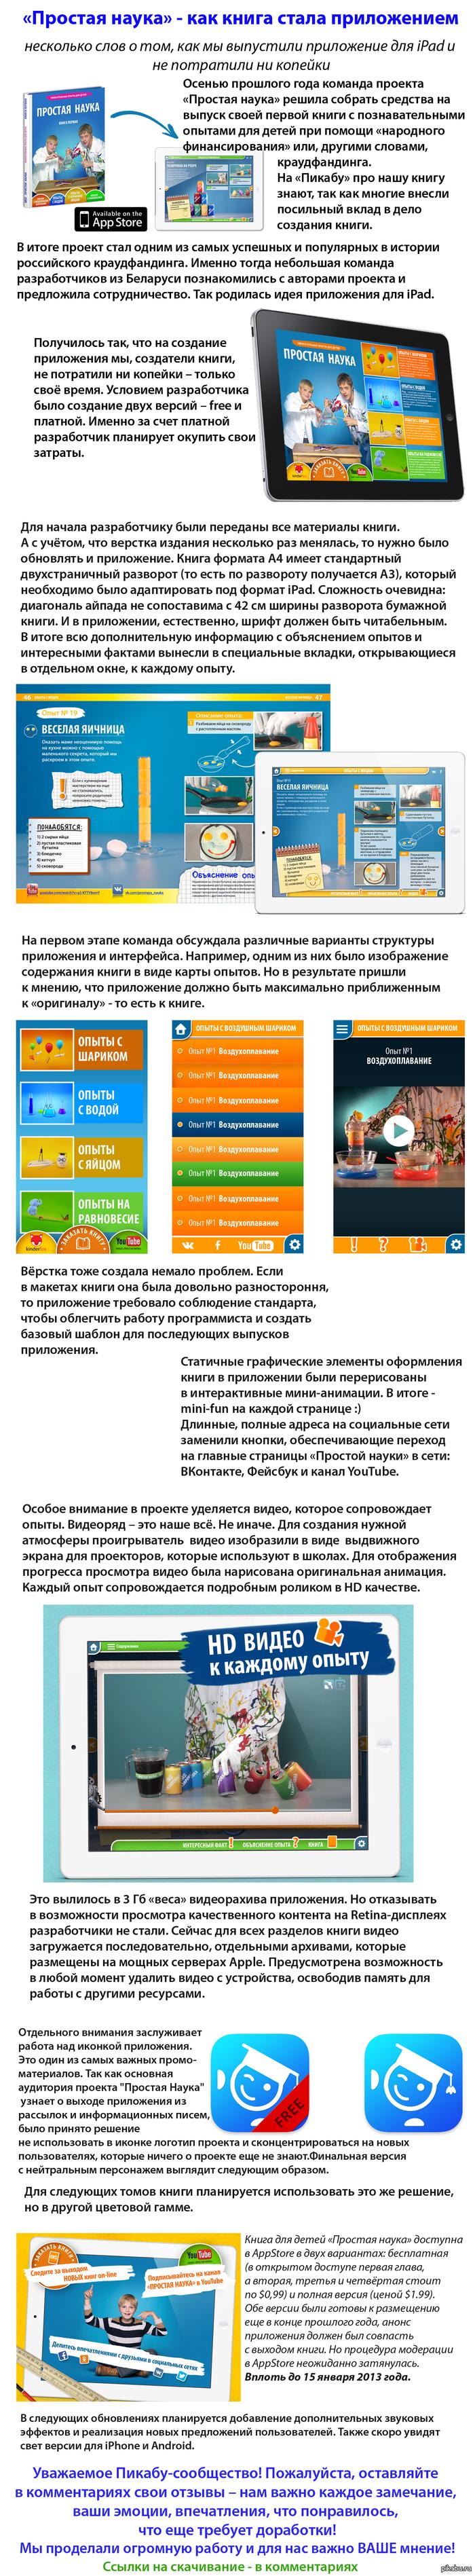 Как мы создавали детское приложение для iPad Пожалуйста, поделитесь своими впечатлениями от приложения! Для нас это очень важно!